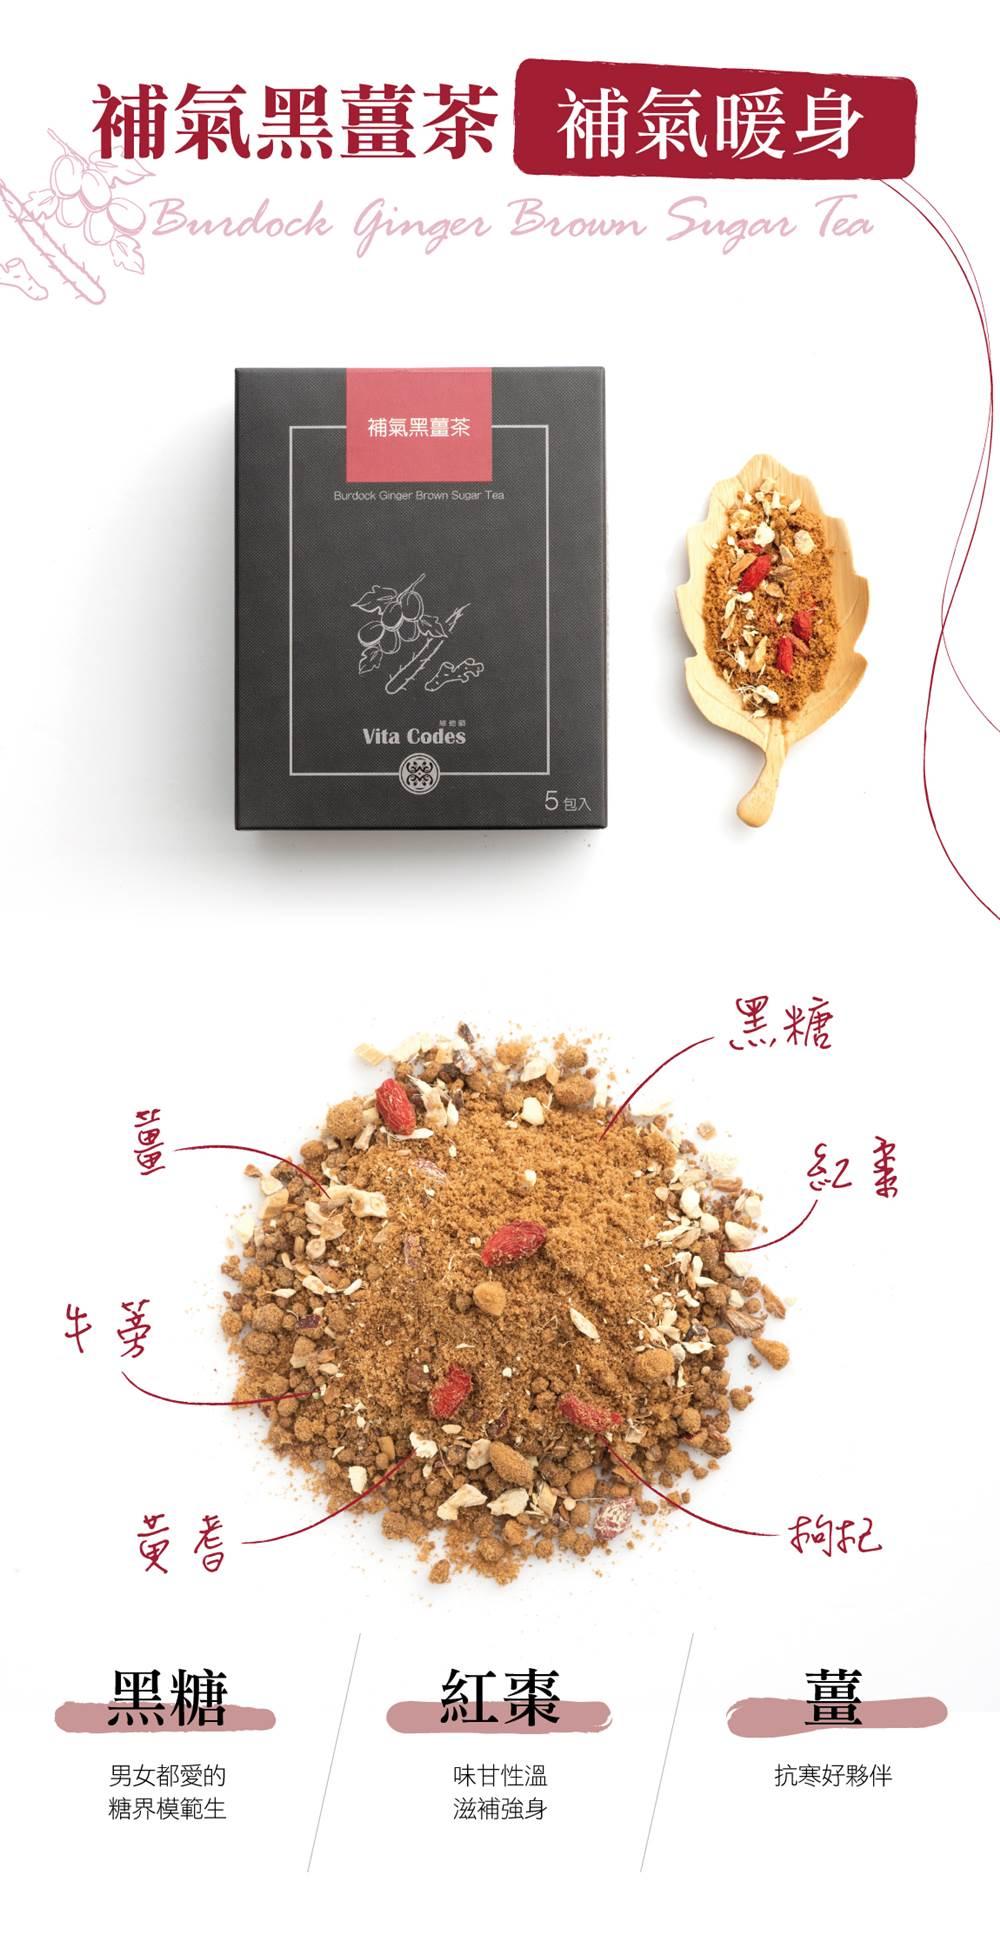 VitaCodes美顏茶-產品介紹08-補葺黑薑茶-補氣暖身